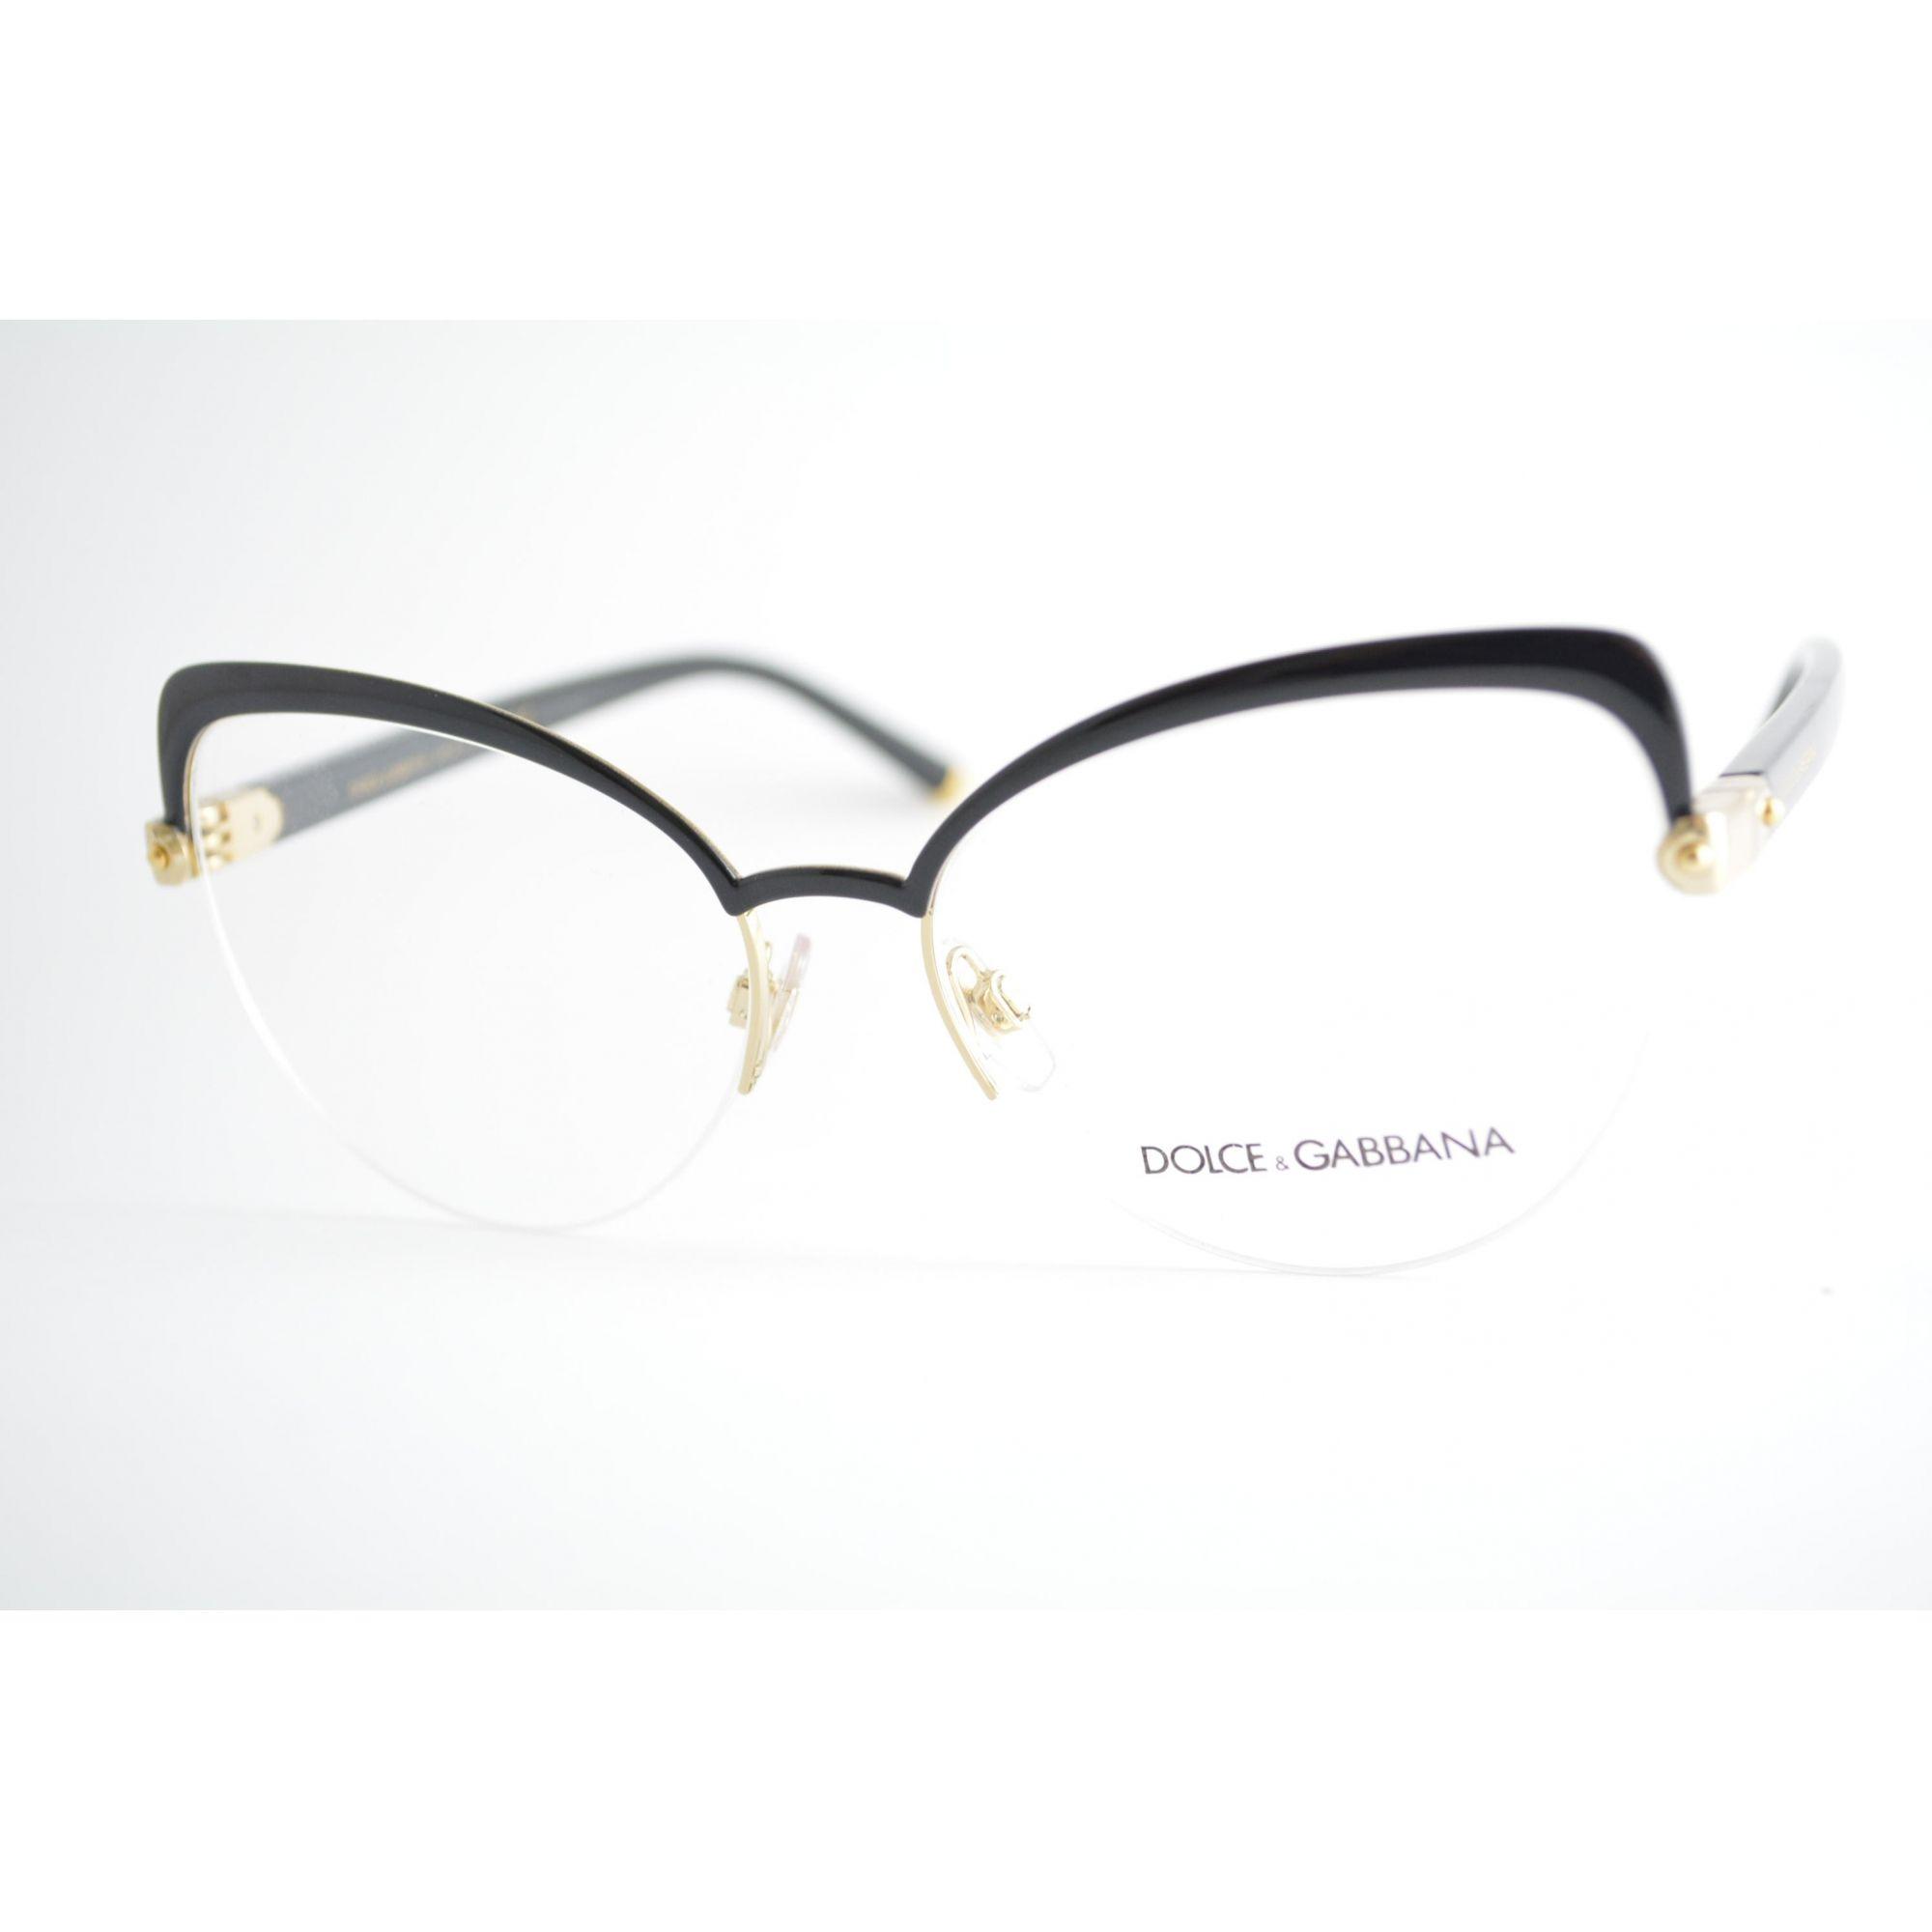 dadc07b6e3558 Armação de Grau Feminino Dolce   Gabbana DG1305 01 - Omega Ótica e  Relojoaria